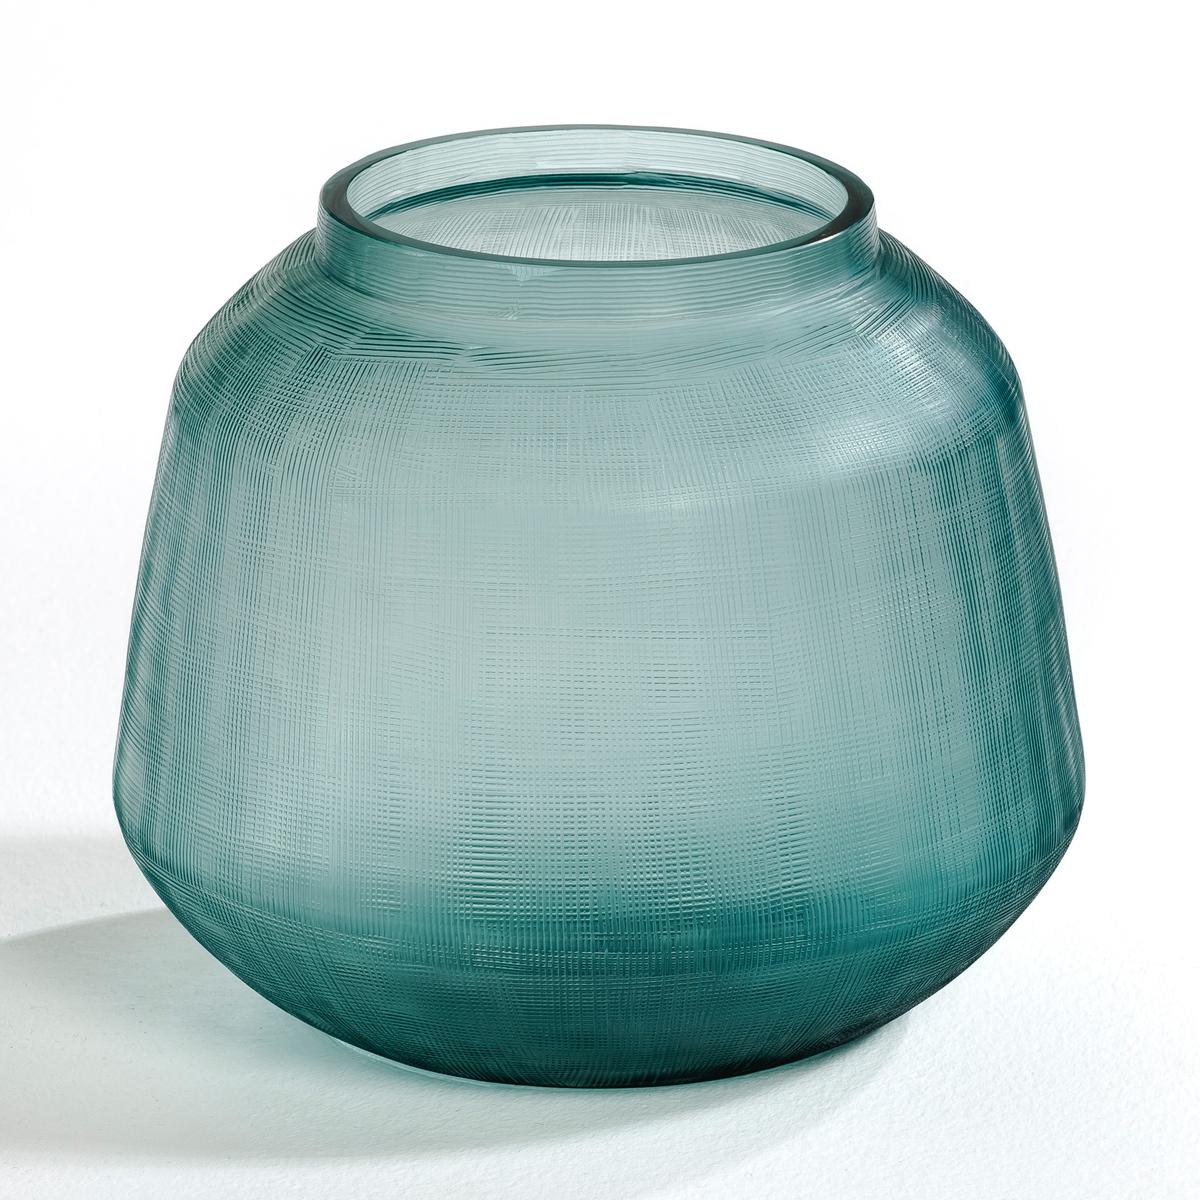 Ваза BirgitБольшая ваза из рифленого стекла.     Диаметр 23 x высота 20 см.<br><br>Цвет: зелено-синий<br>Размер: единый размер